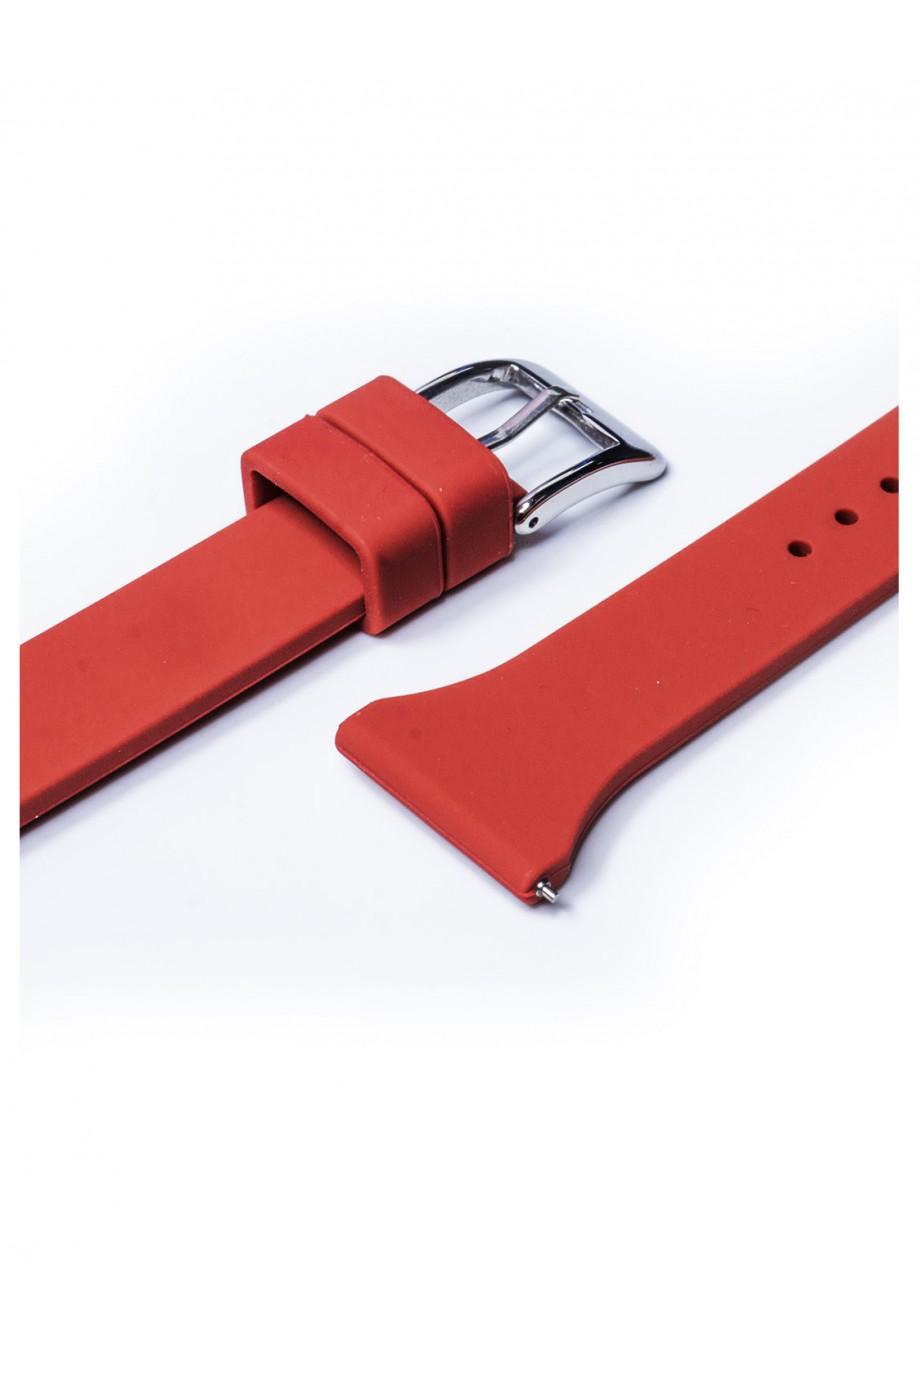 Силиконовый ремешок для Amazfit Pace, 22 мм, застежка пряжка, красный, mkx054